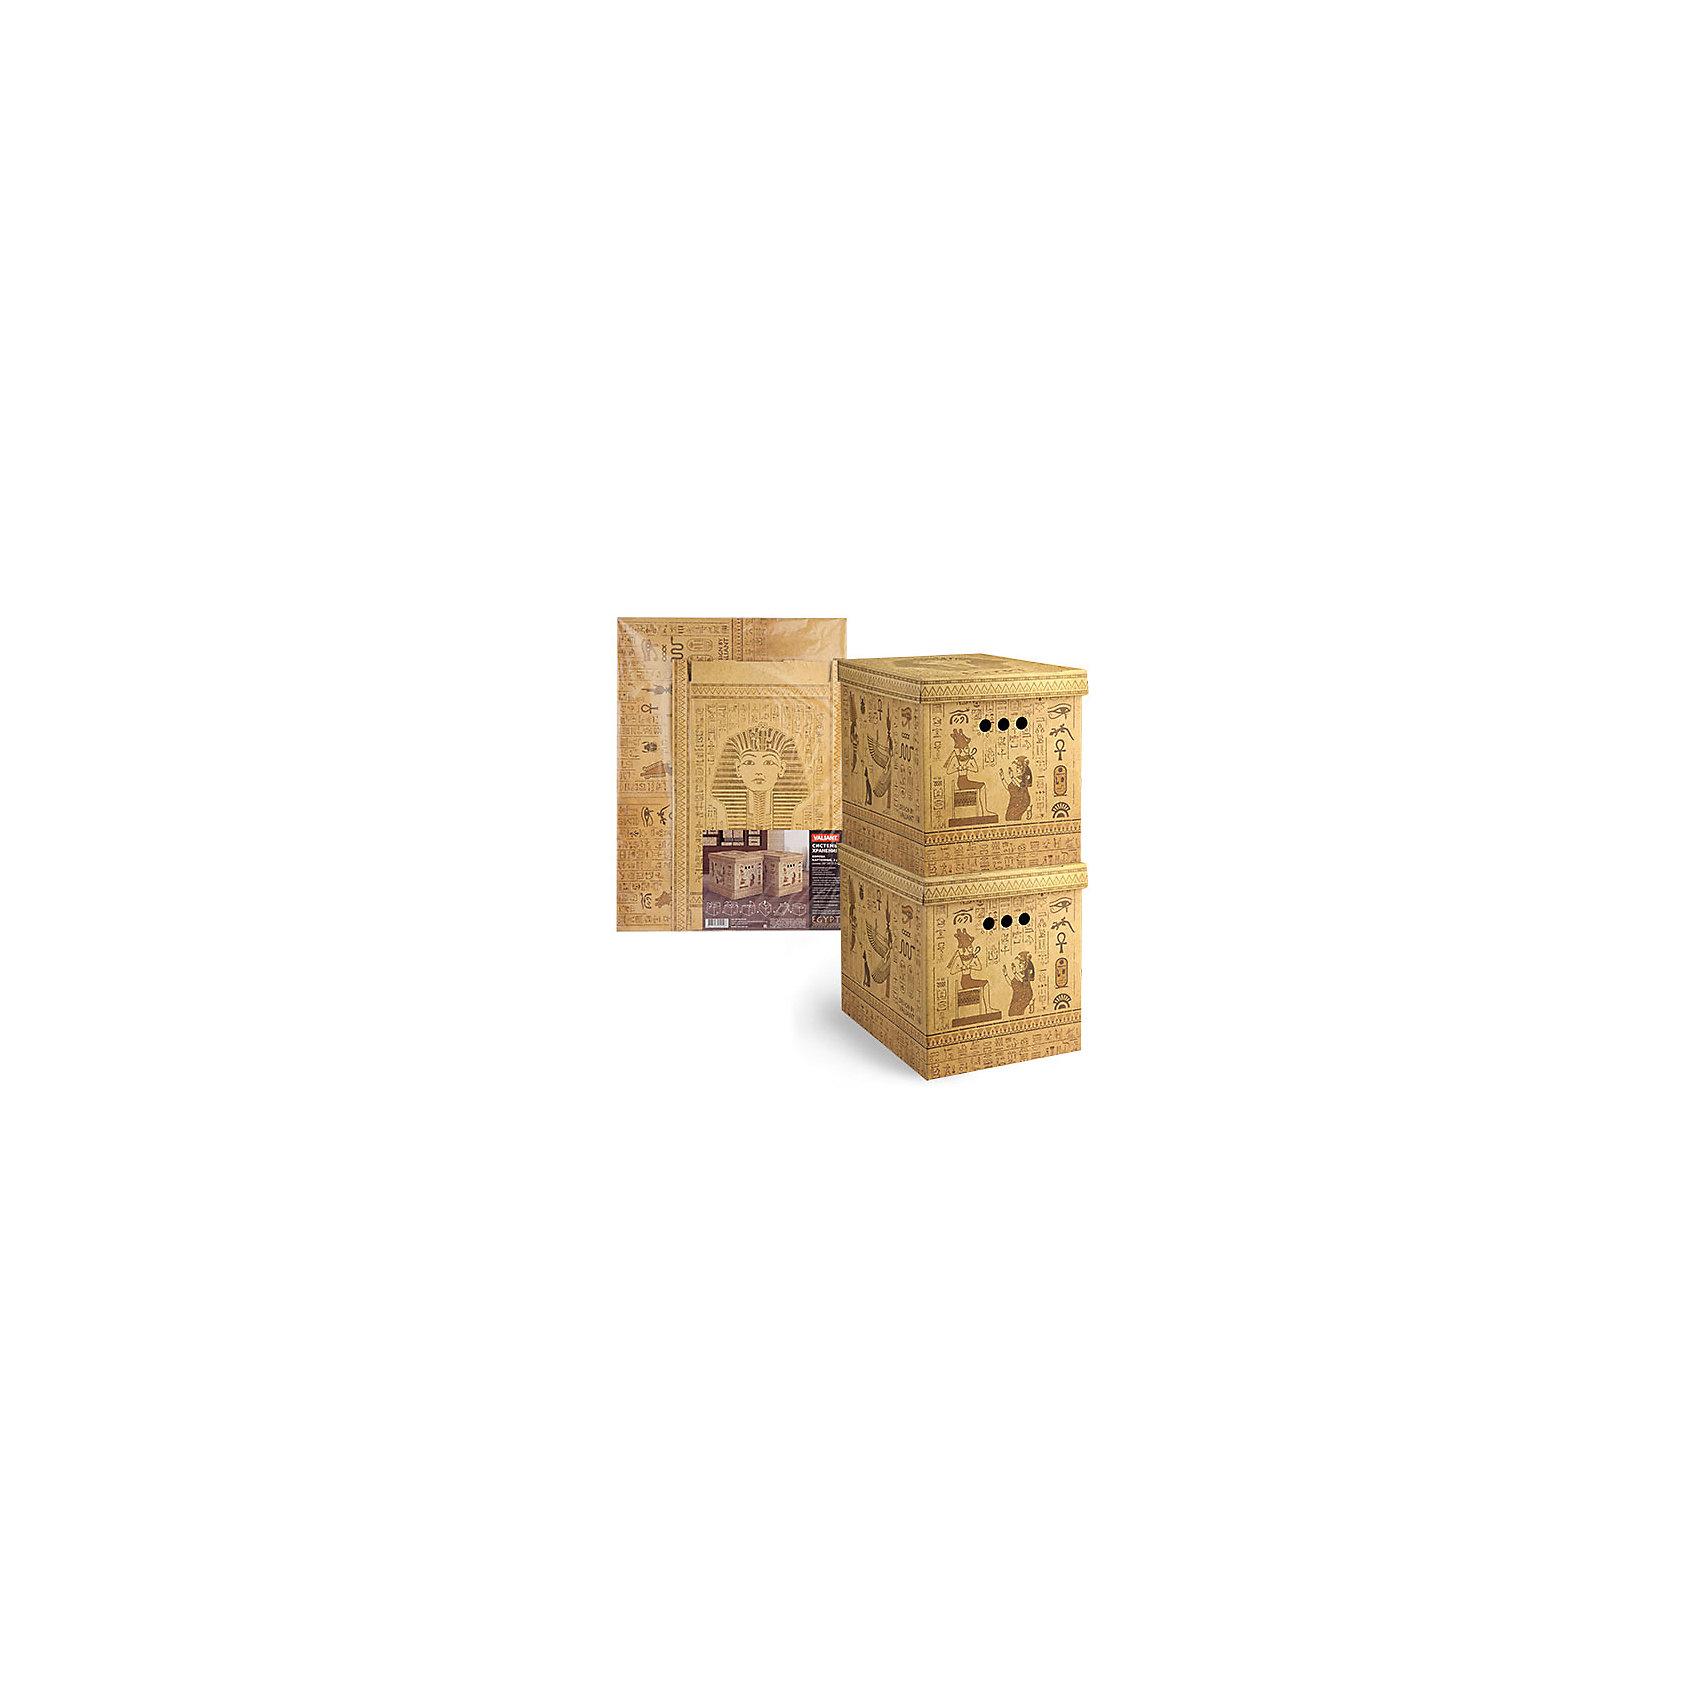 Короб картонный, складной, большой, 28*38*31.5 см, 2 шт., EGYPT, ValiantПорядок в детской<br>Короб картонный, складной, большой, 28*38*31.5 см, 2 шт., EGYPT, Valiant (Валиант) - это идеальное решение для хранения вещей.<br>Складные картонные короба EGYPT от Valiant (Валиант) идеально подходят для хранения различных бытовых предметов, аксессуаров и одежды. Они изготовлены микрогофрокартона. Прорезные ручки с двух сторон коробов обеспечивают удобство при переноске. Крышки эстетично закрывает содержимое внутри коробов. Изделия отличаются мобильностью: легко раскладываются и складываются. Короба можно штабелировать. <br><br>Дополнительная информация:<br><br>- В наборе: 2 шт.<br>- Размер: 28х38х31,5 см.<br>- Материал: микрогофрокартон<br>- Цвет: бежевый<br><br>Короб картонный, складной, большой, 28*38*31.5 см, 2 шт., EGYPT, Valiant (Валиант) можно купить в нашем интернет-магазине.<br><br>Ширина мм: 490<br>Глубина мм: 10<br>Высота мм: 650<br>Вес г: 630<br>Возраст от месяцев: 36<br>Возраст до месяцев: 1080<br>Пол: Унисекс<br>Возраст: Детский<br>SKU: 4993412